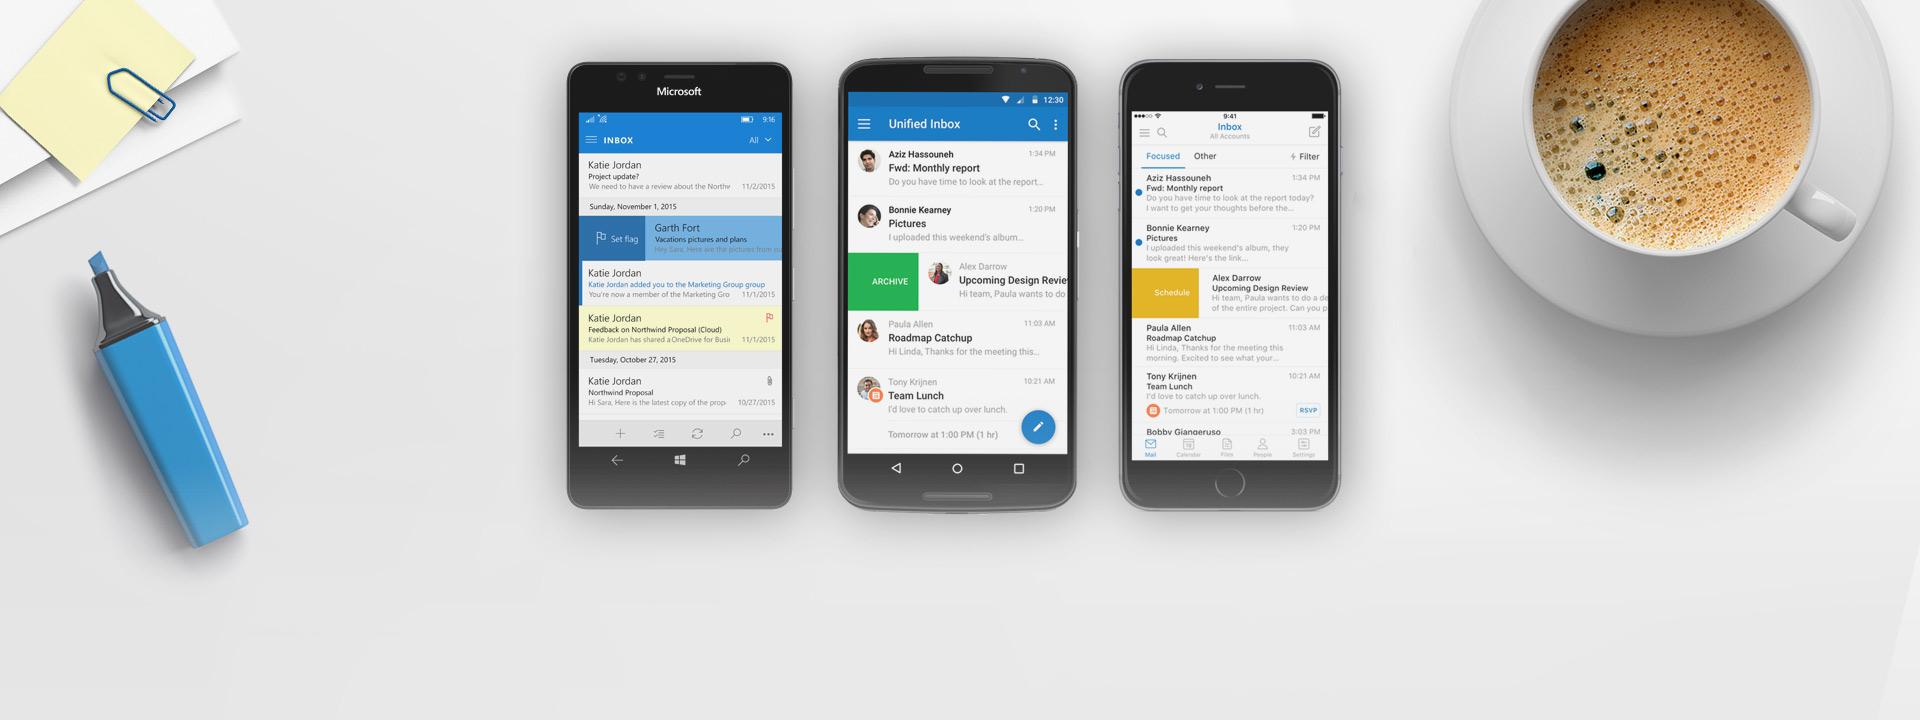 Windows Phone-, iPhone- és Android-rendszerű telefon Outlook alkalmazással a képernyőn